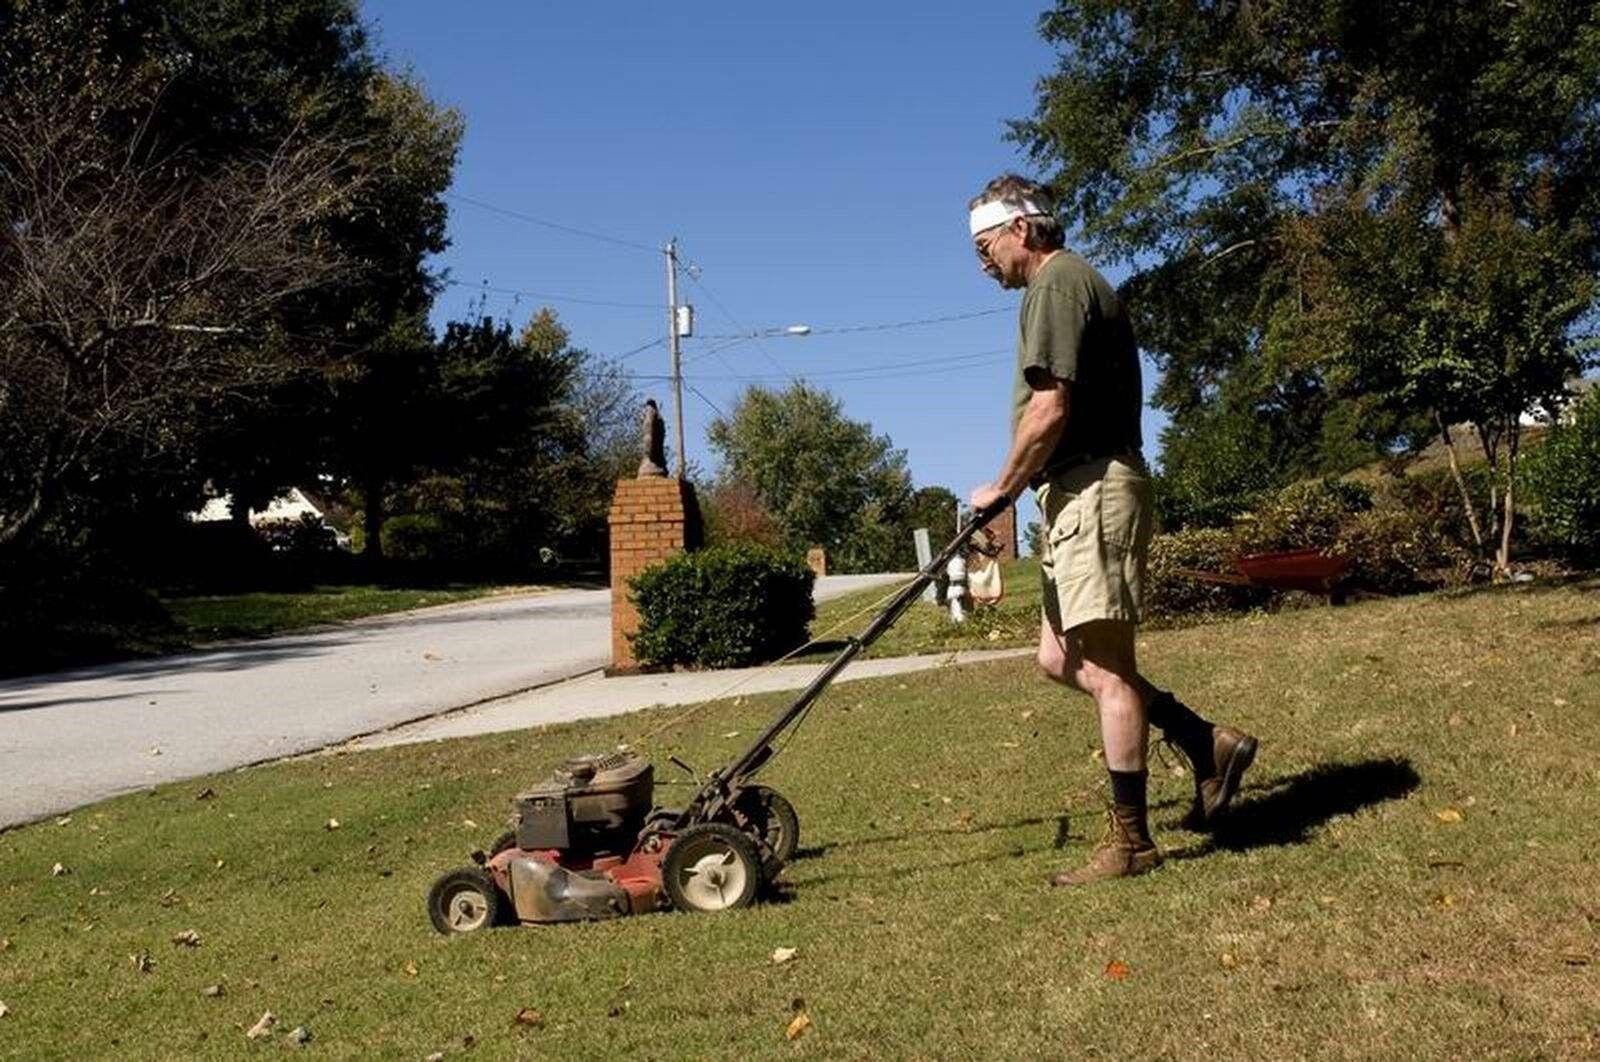 Для чего нужна газонокосилка? Правила эксплуатации садовой техники